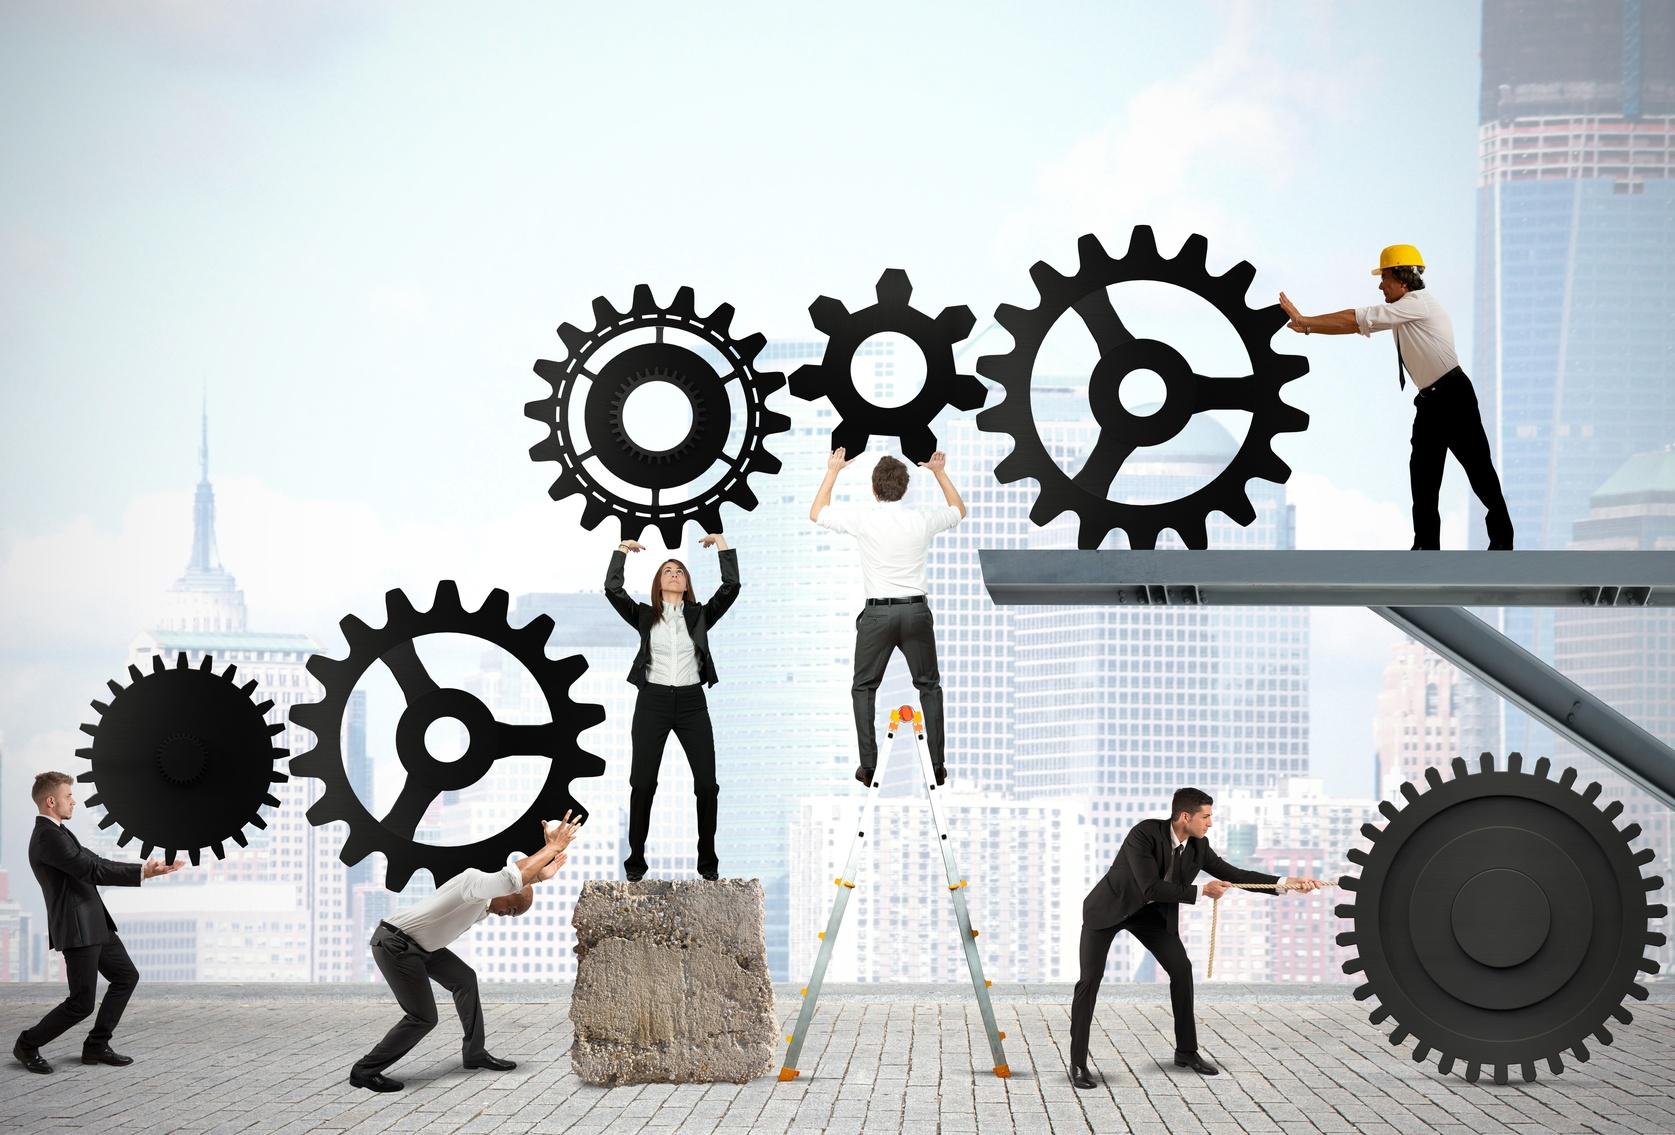 Riforma del Lavoro, ci saranno solo due forme di contratto: autonomo e dipendente. Indennità di disoccupazione per chi perde il posto